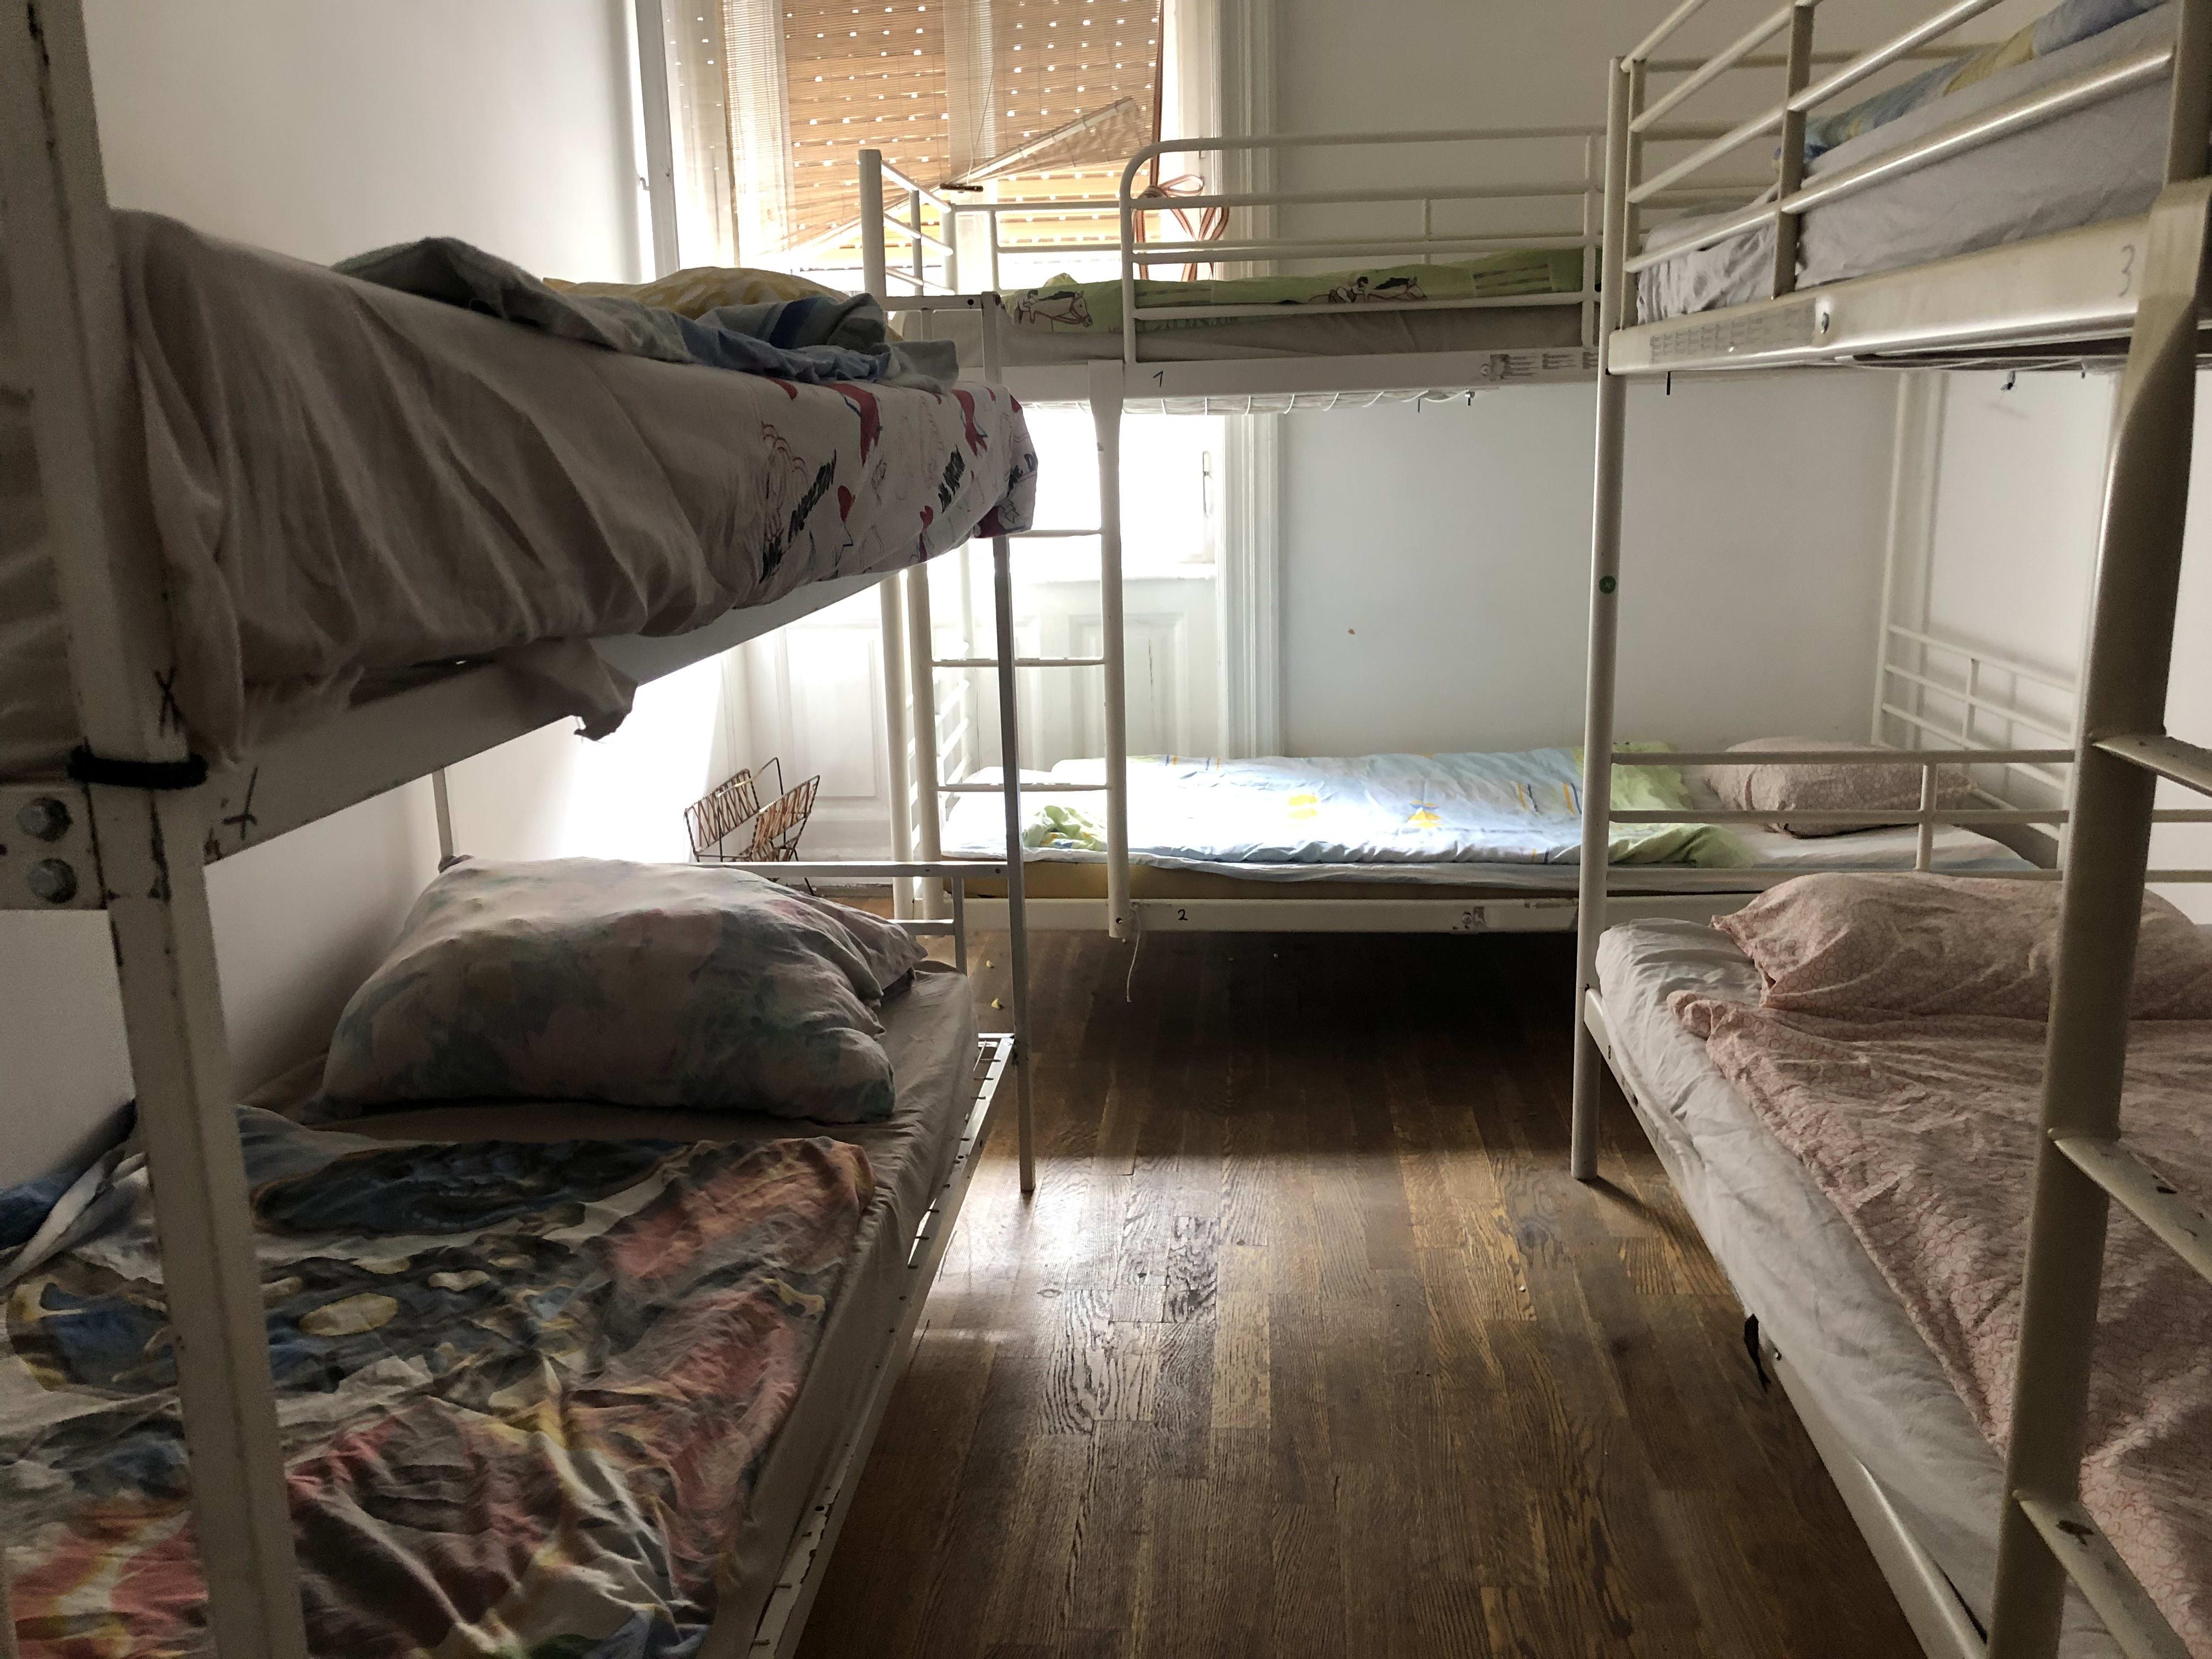 HOSTEL - EastEnd Hostel